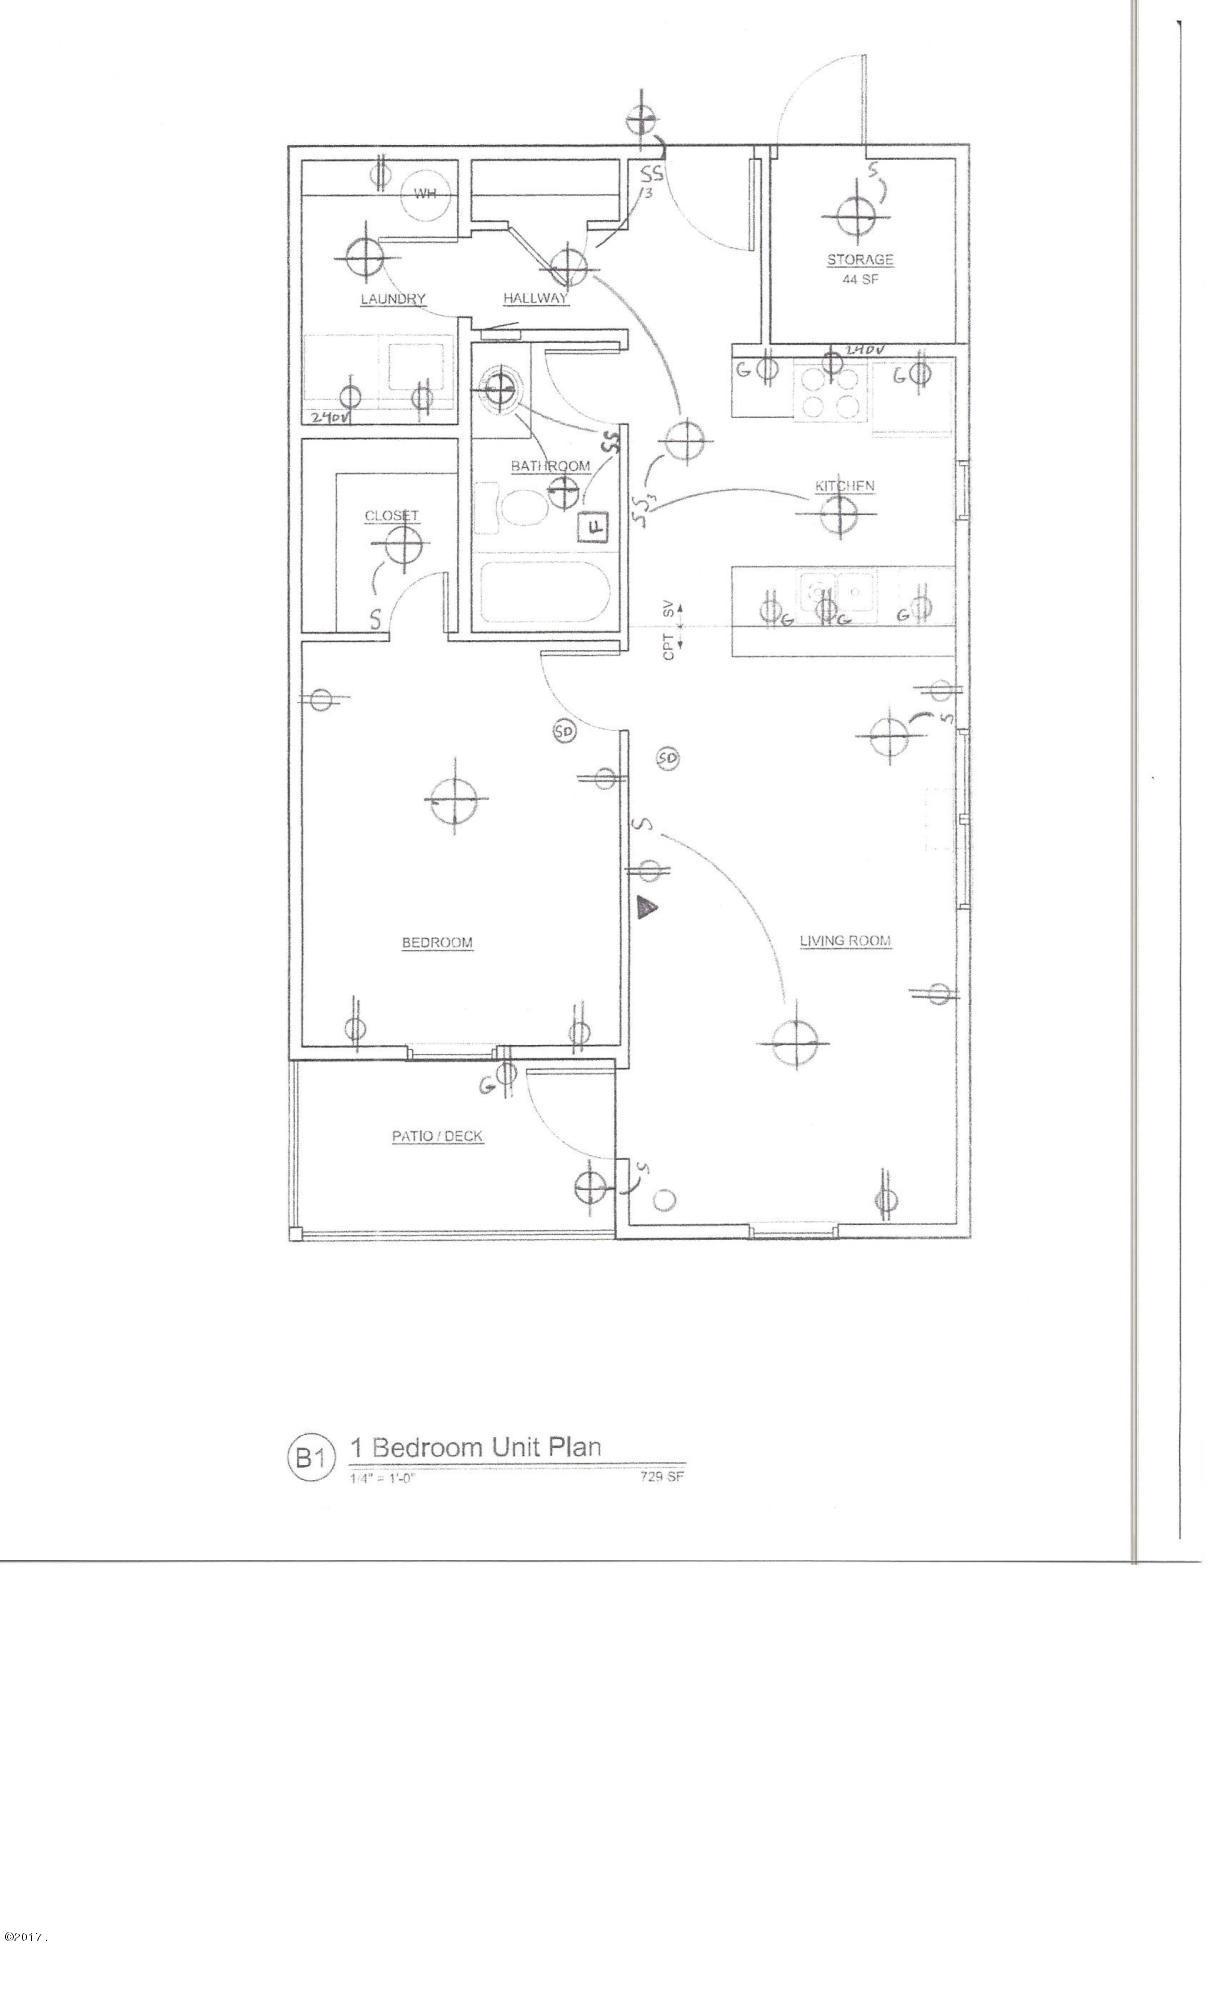 Alder Wood Cabinets Kitchen 1. Image Result For Alder Wood Cabinets Kitchen 1